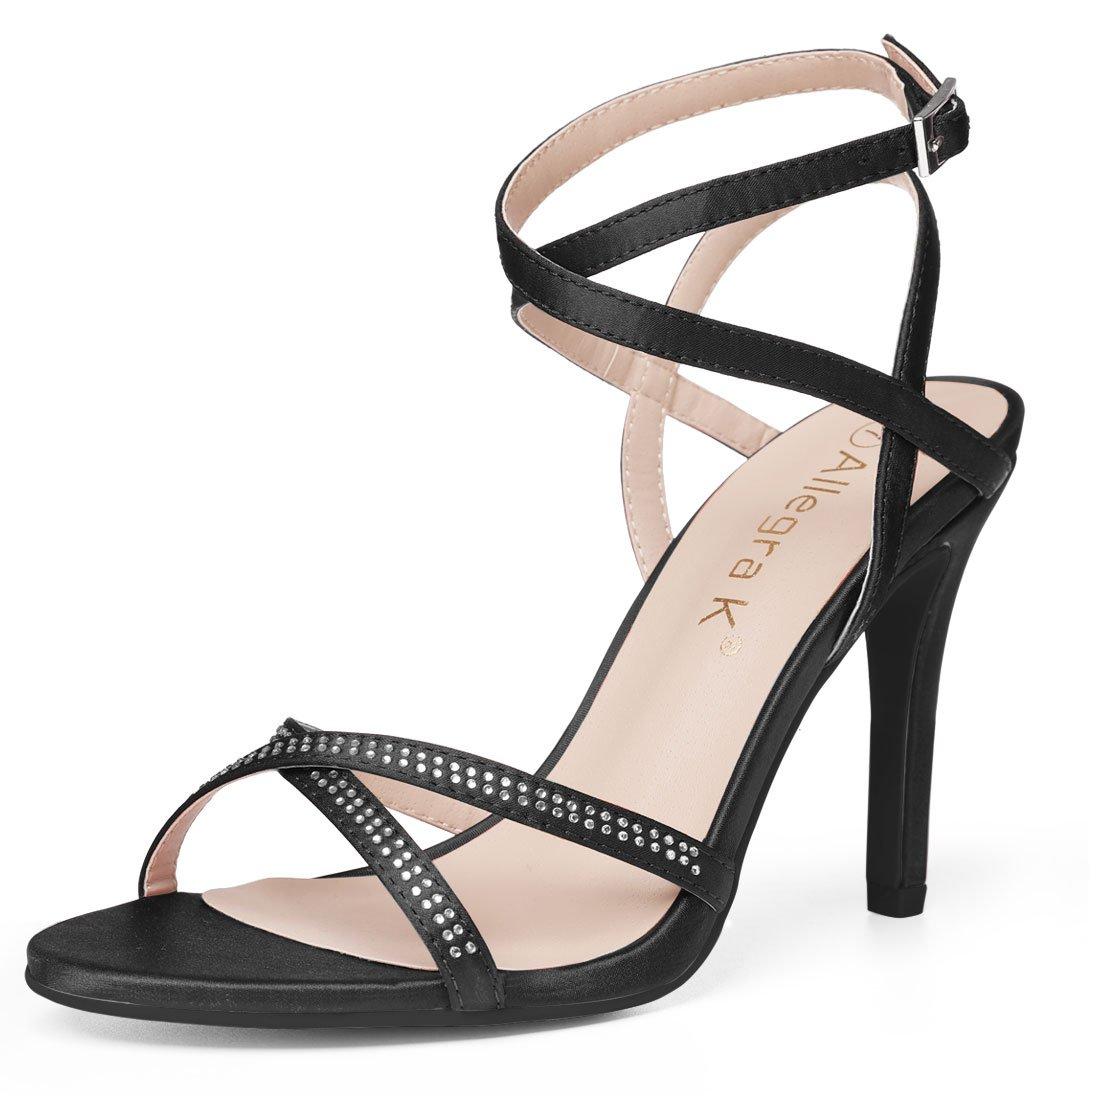 Allegra K Women's Rhinestone Stiletto Heel Black Sandals - 10 M US